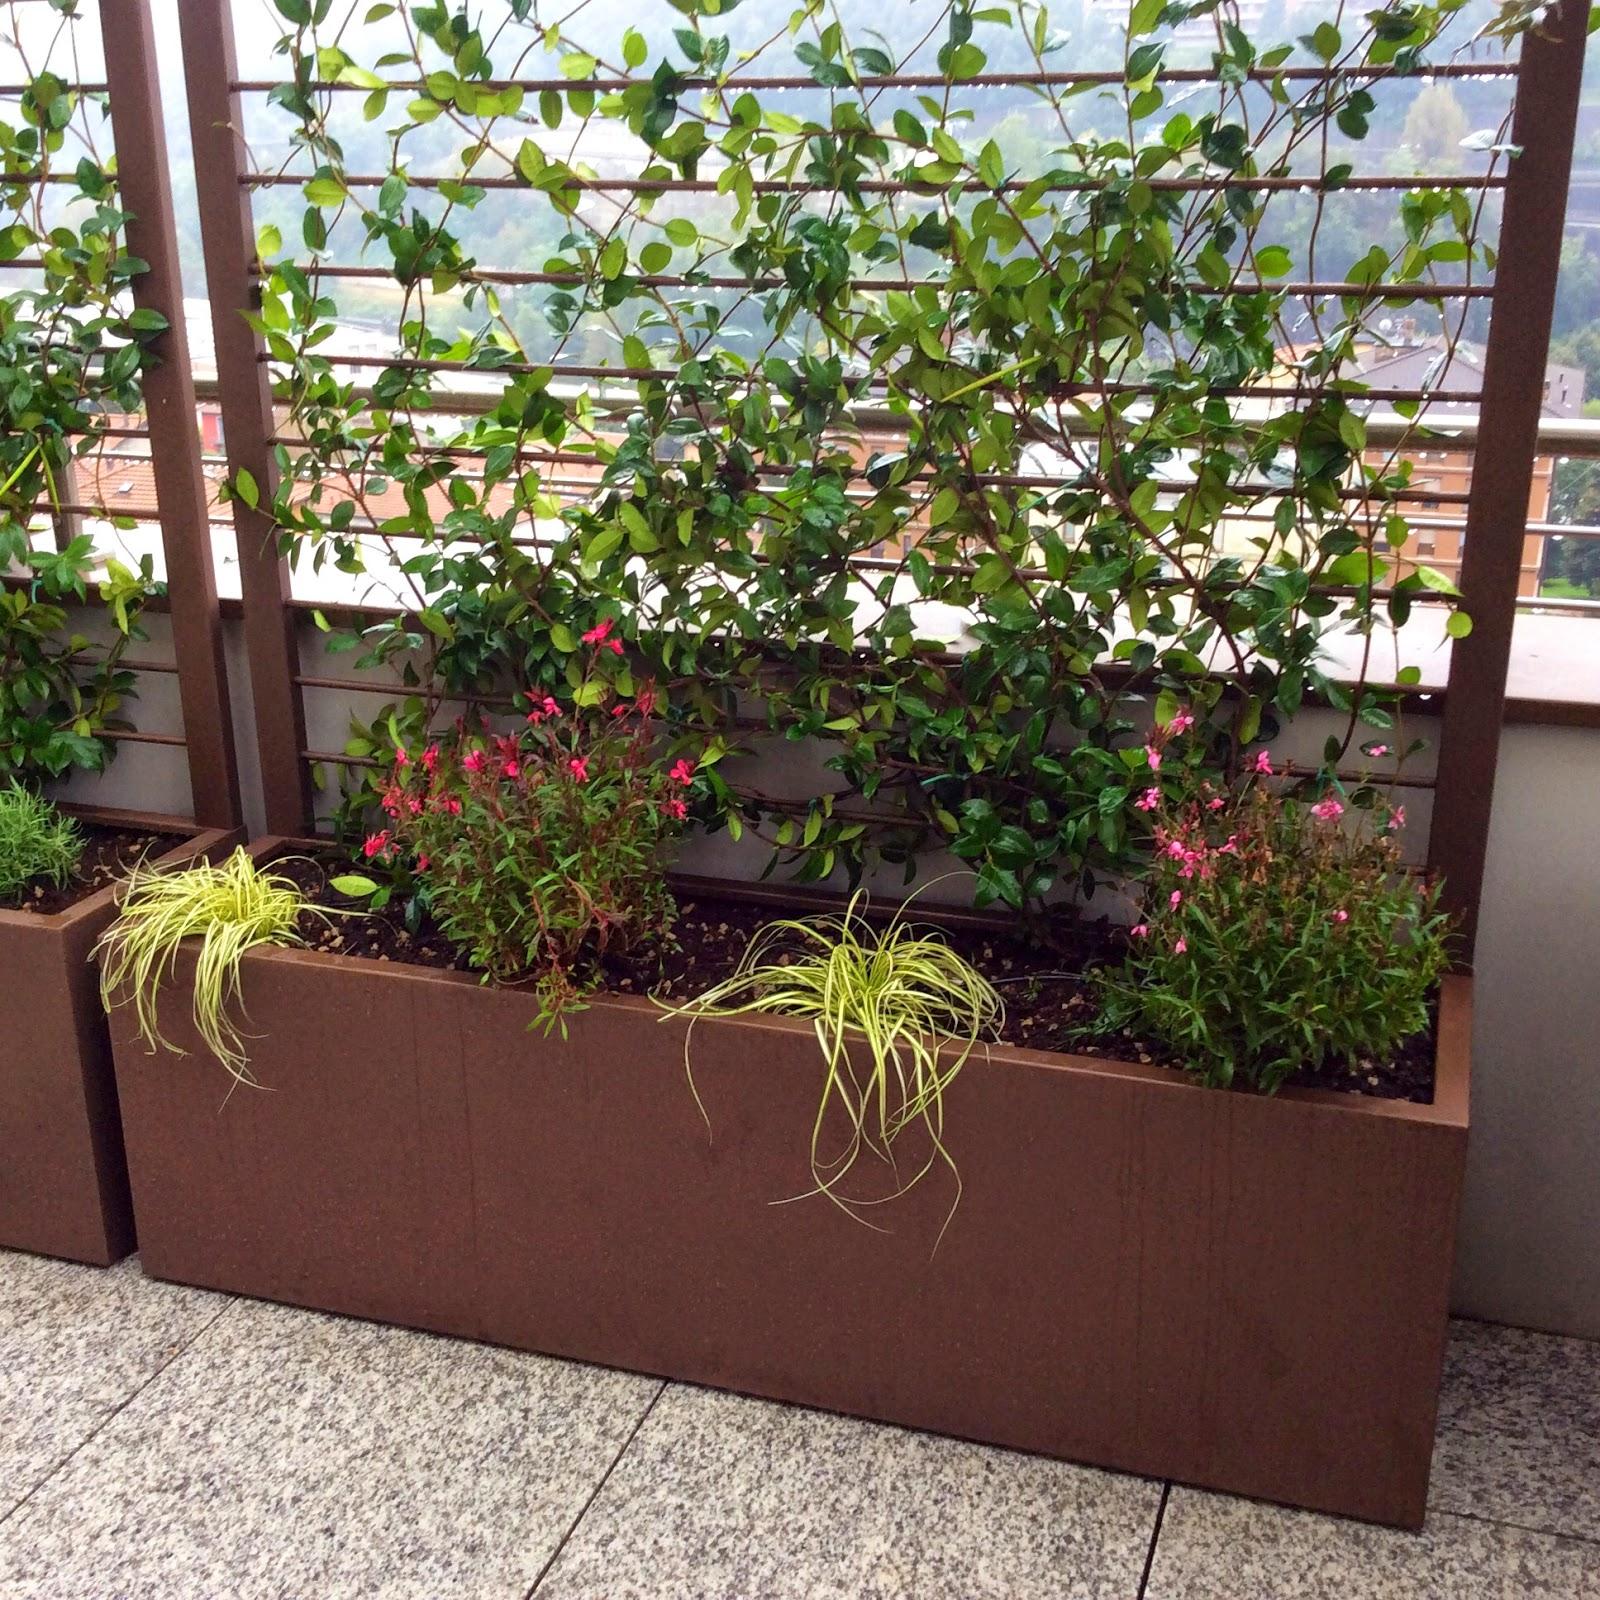 Martin design ita arredo per terrazzi con fioriere su misura for Fioriera con spalliera plastica